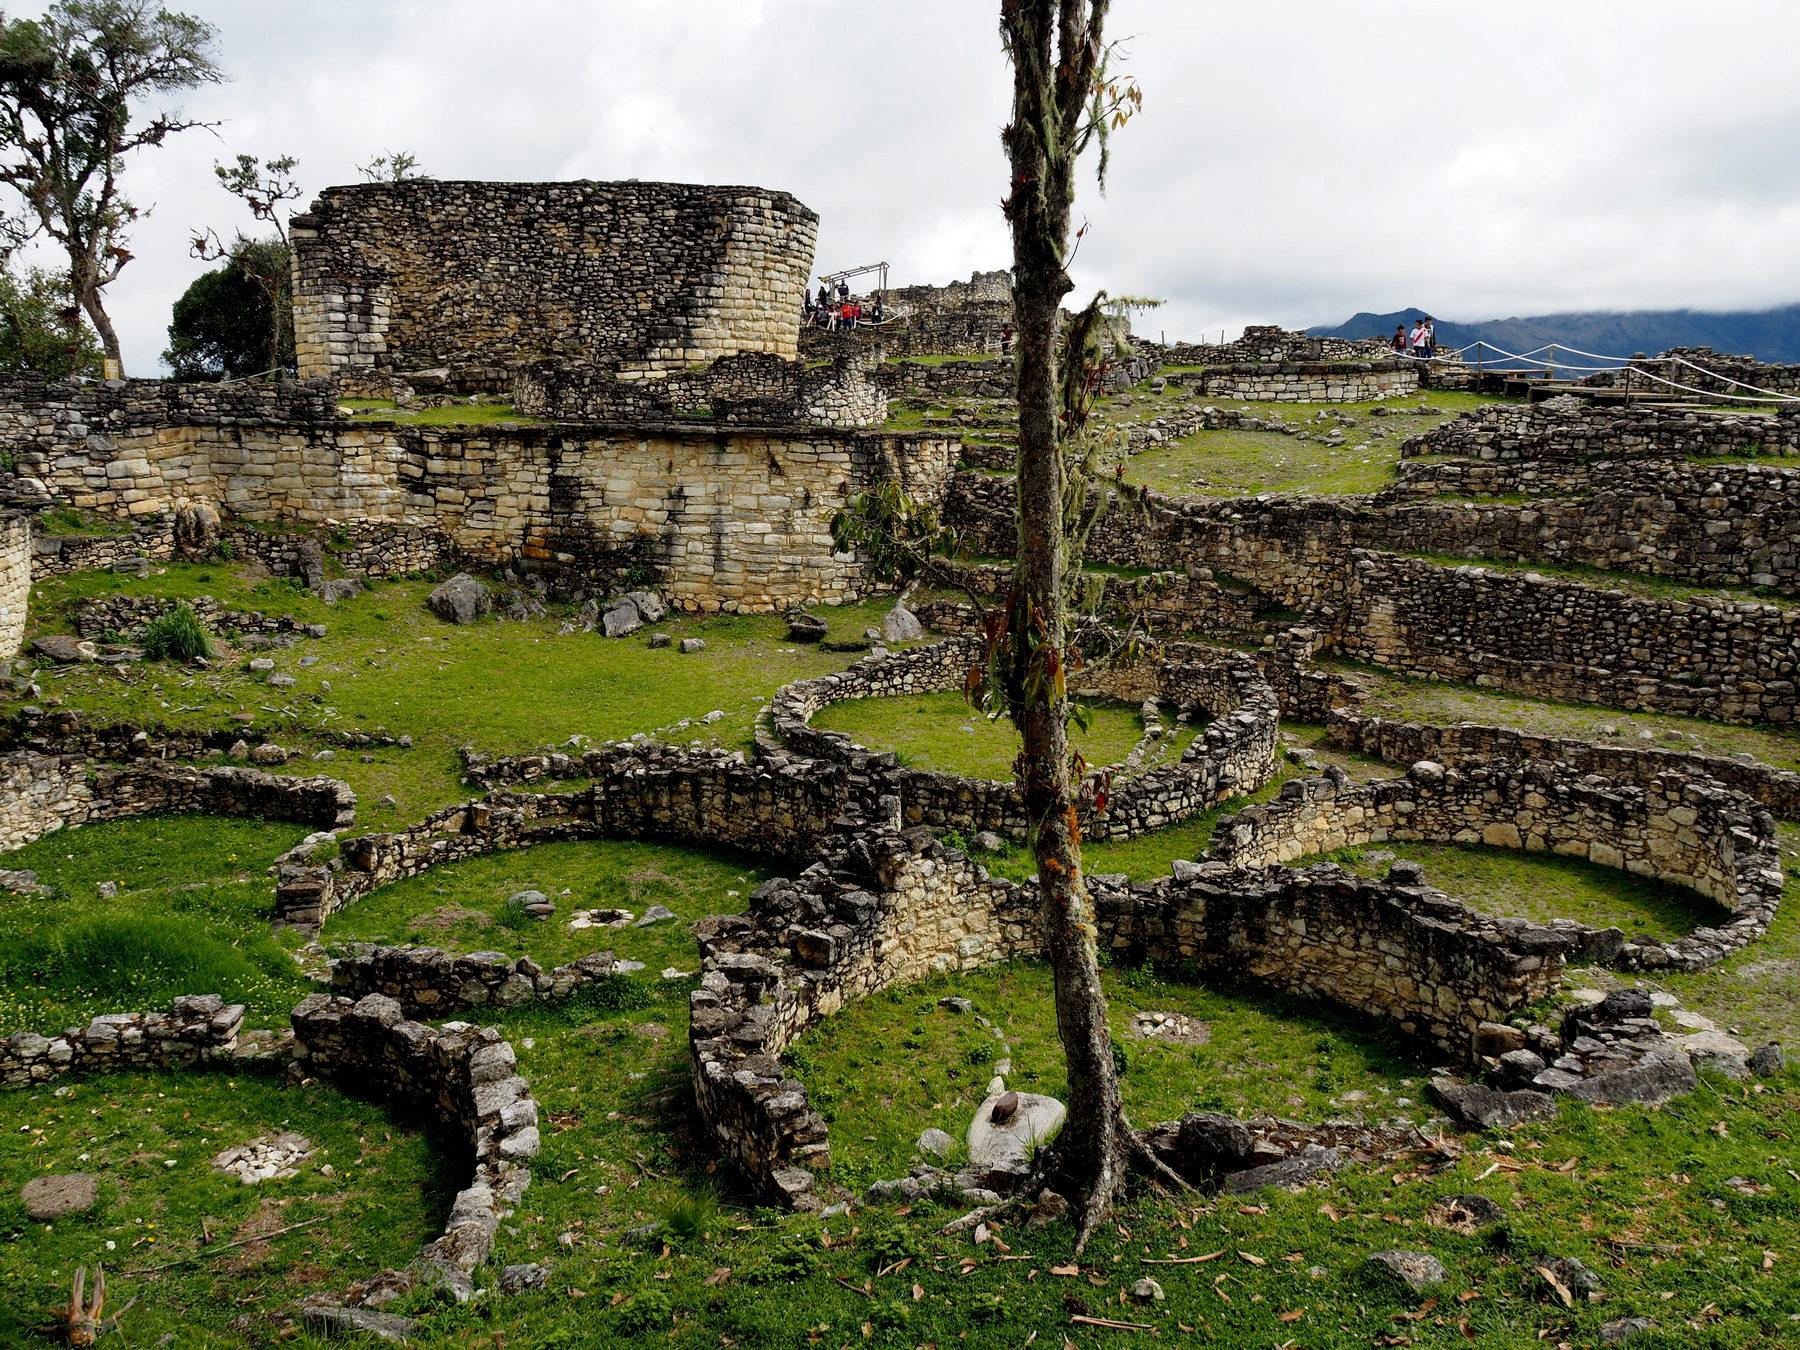 Das Plateau war bedeckt mit meist runden Gebäuden